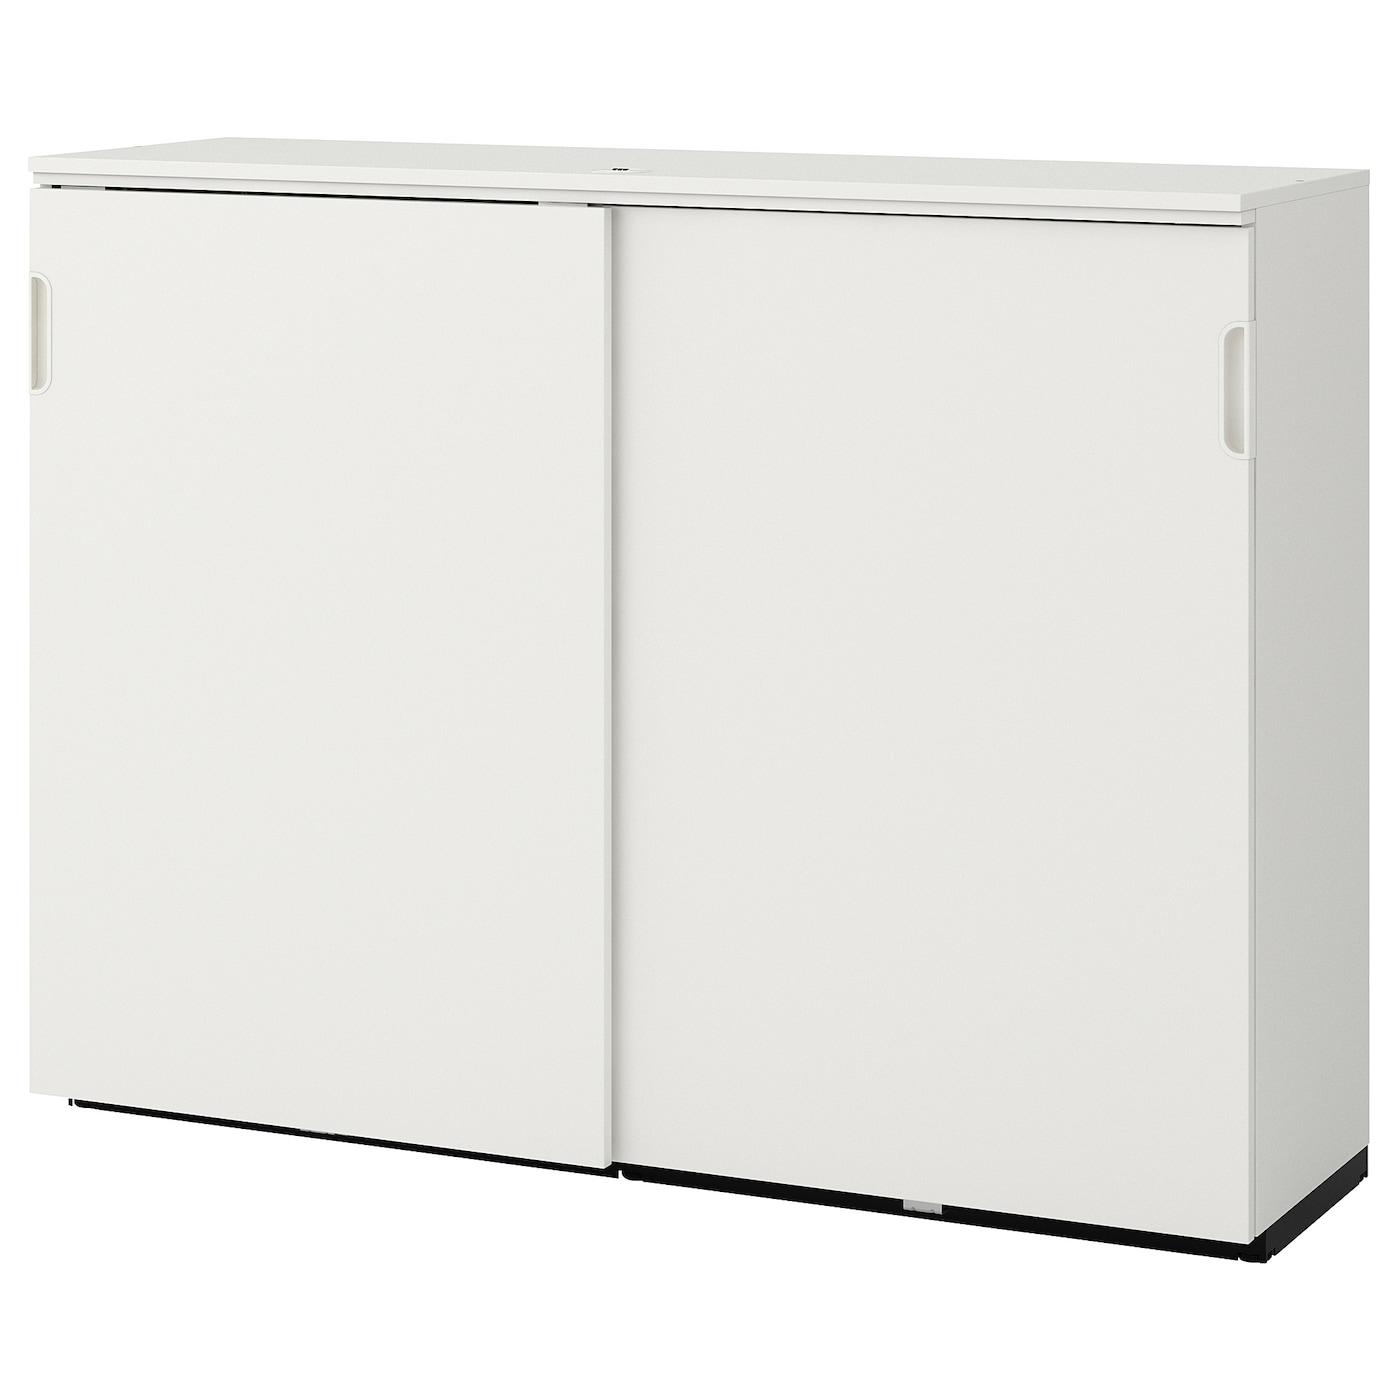 Galant Element A Portes Coulissantes Blanc 160x120 Cm Ikea Suisse